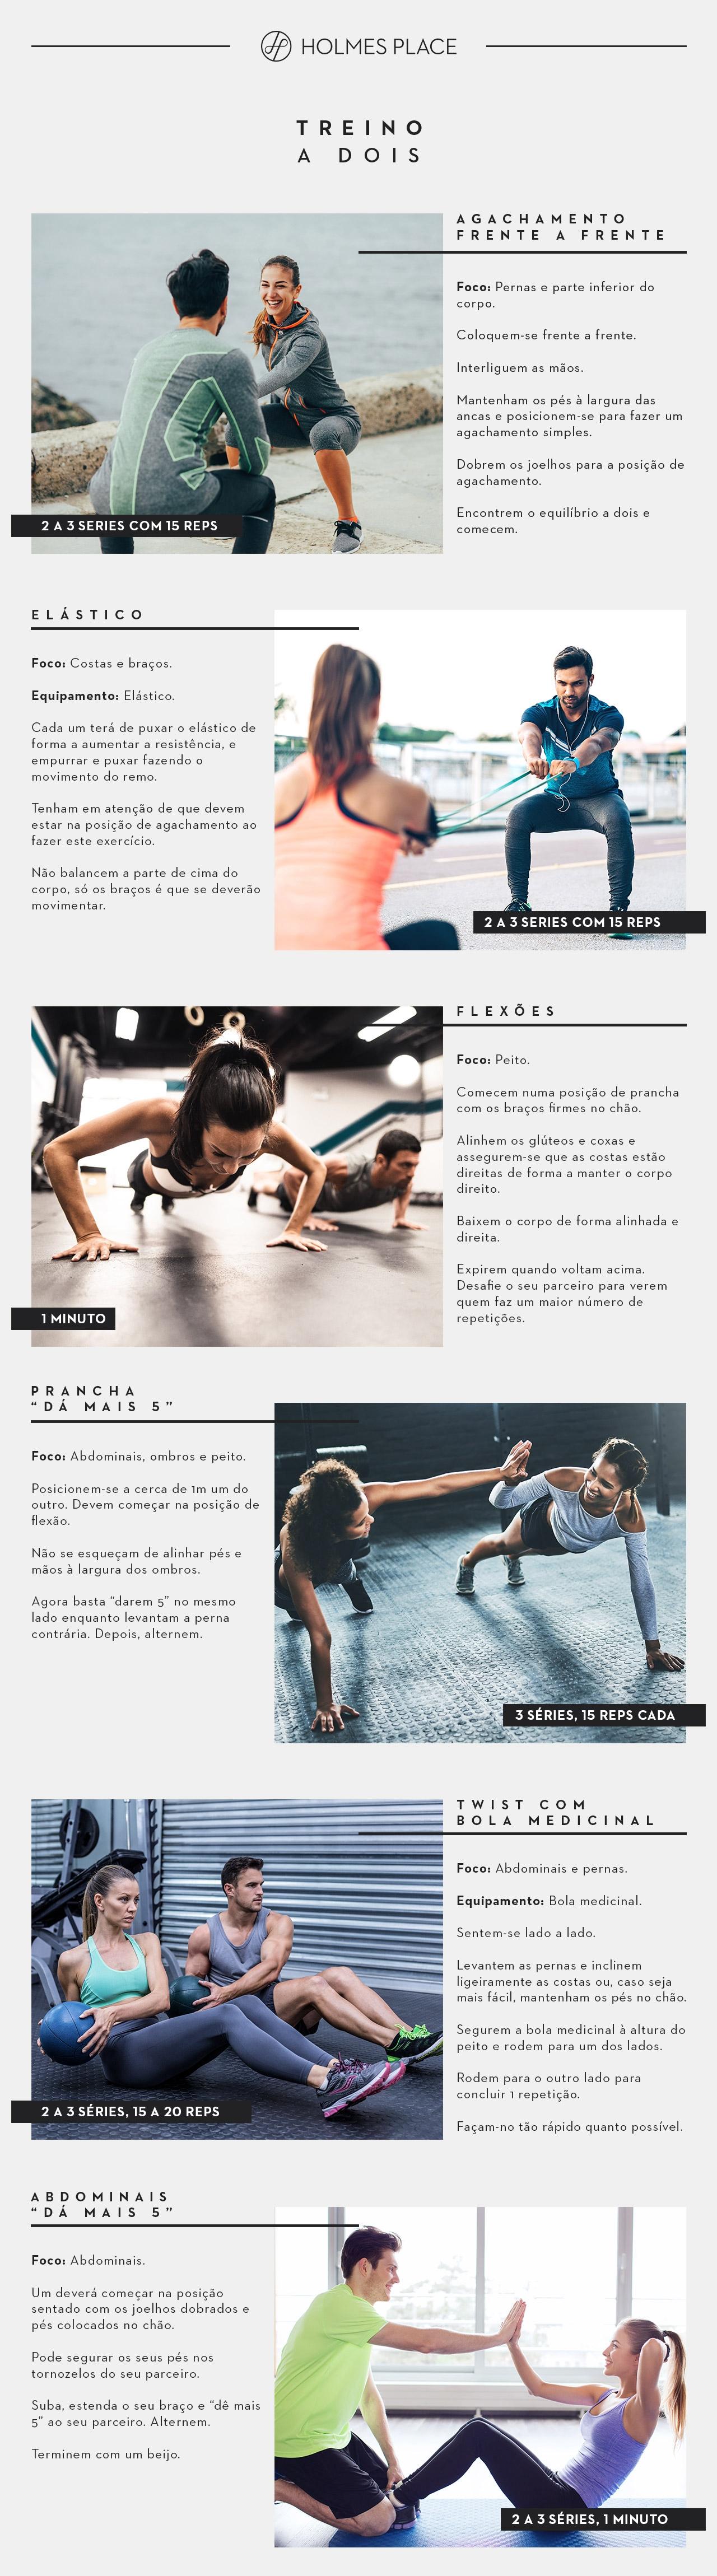 Treino a 2 | Dia dos Namorados | Fitness | Holmes Place